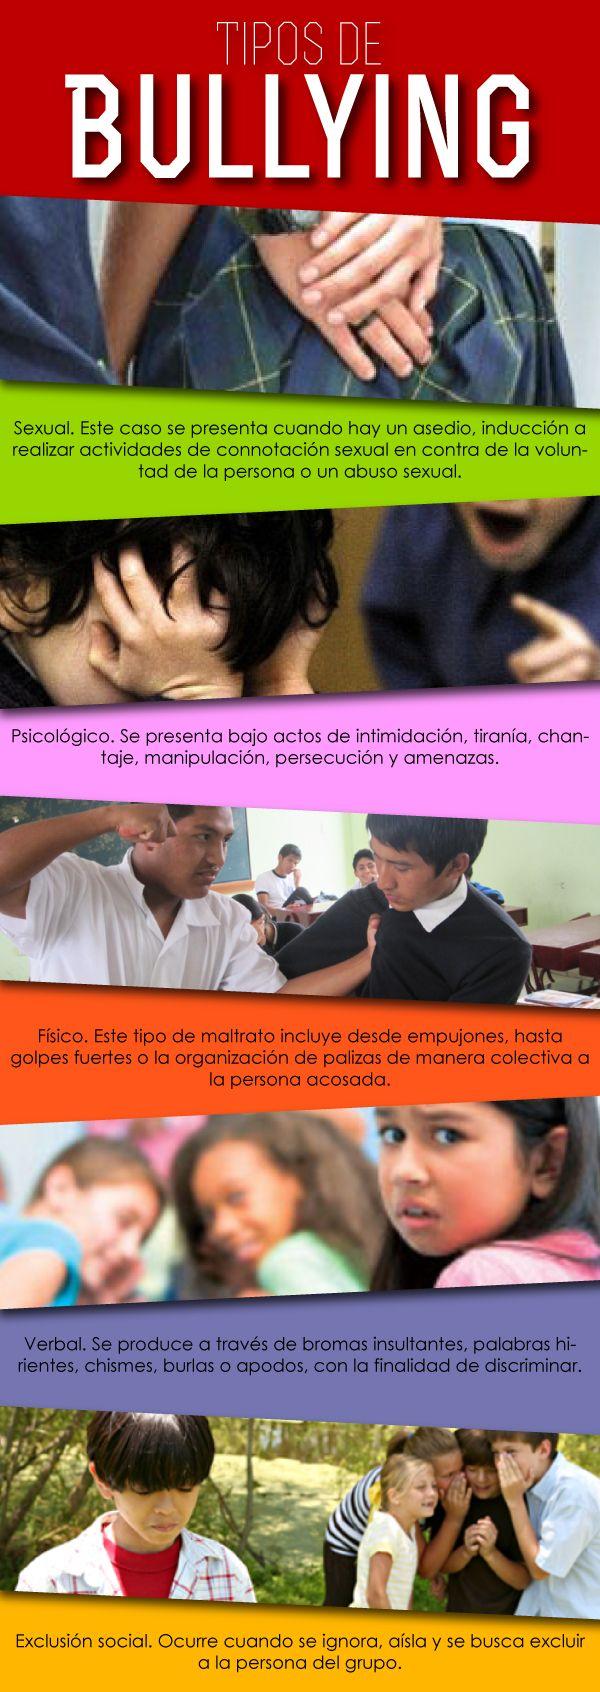 Bullying: Aprende a identificar los diferentes tipos de violencia